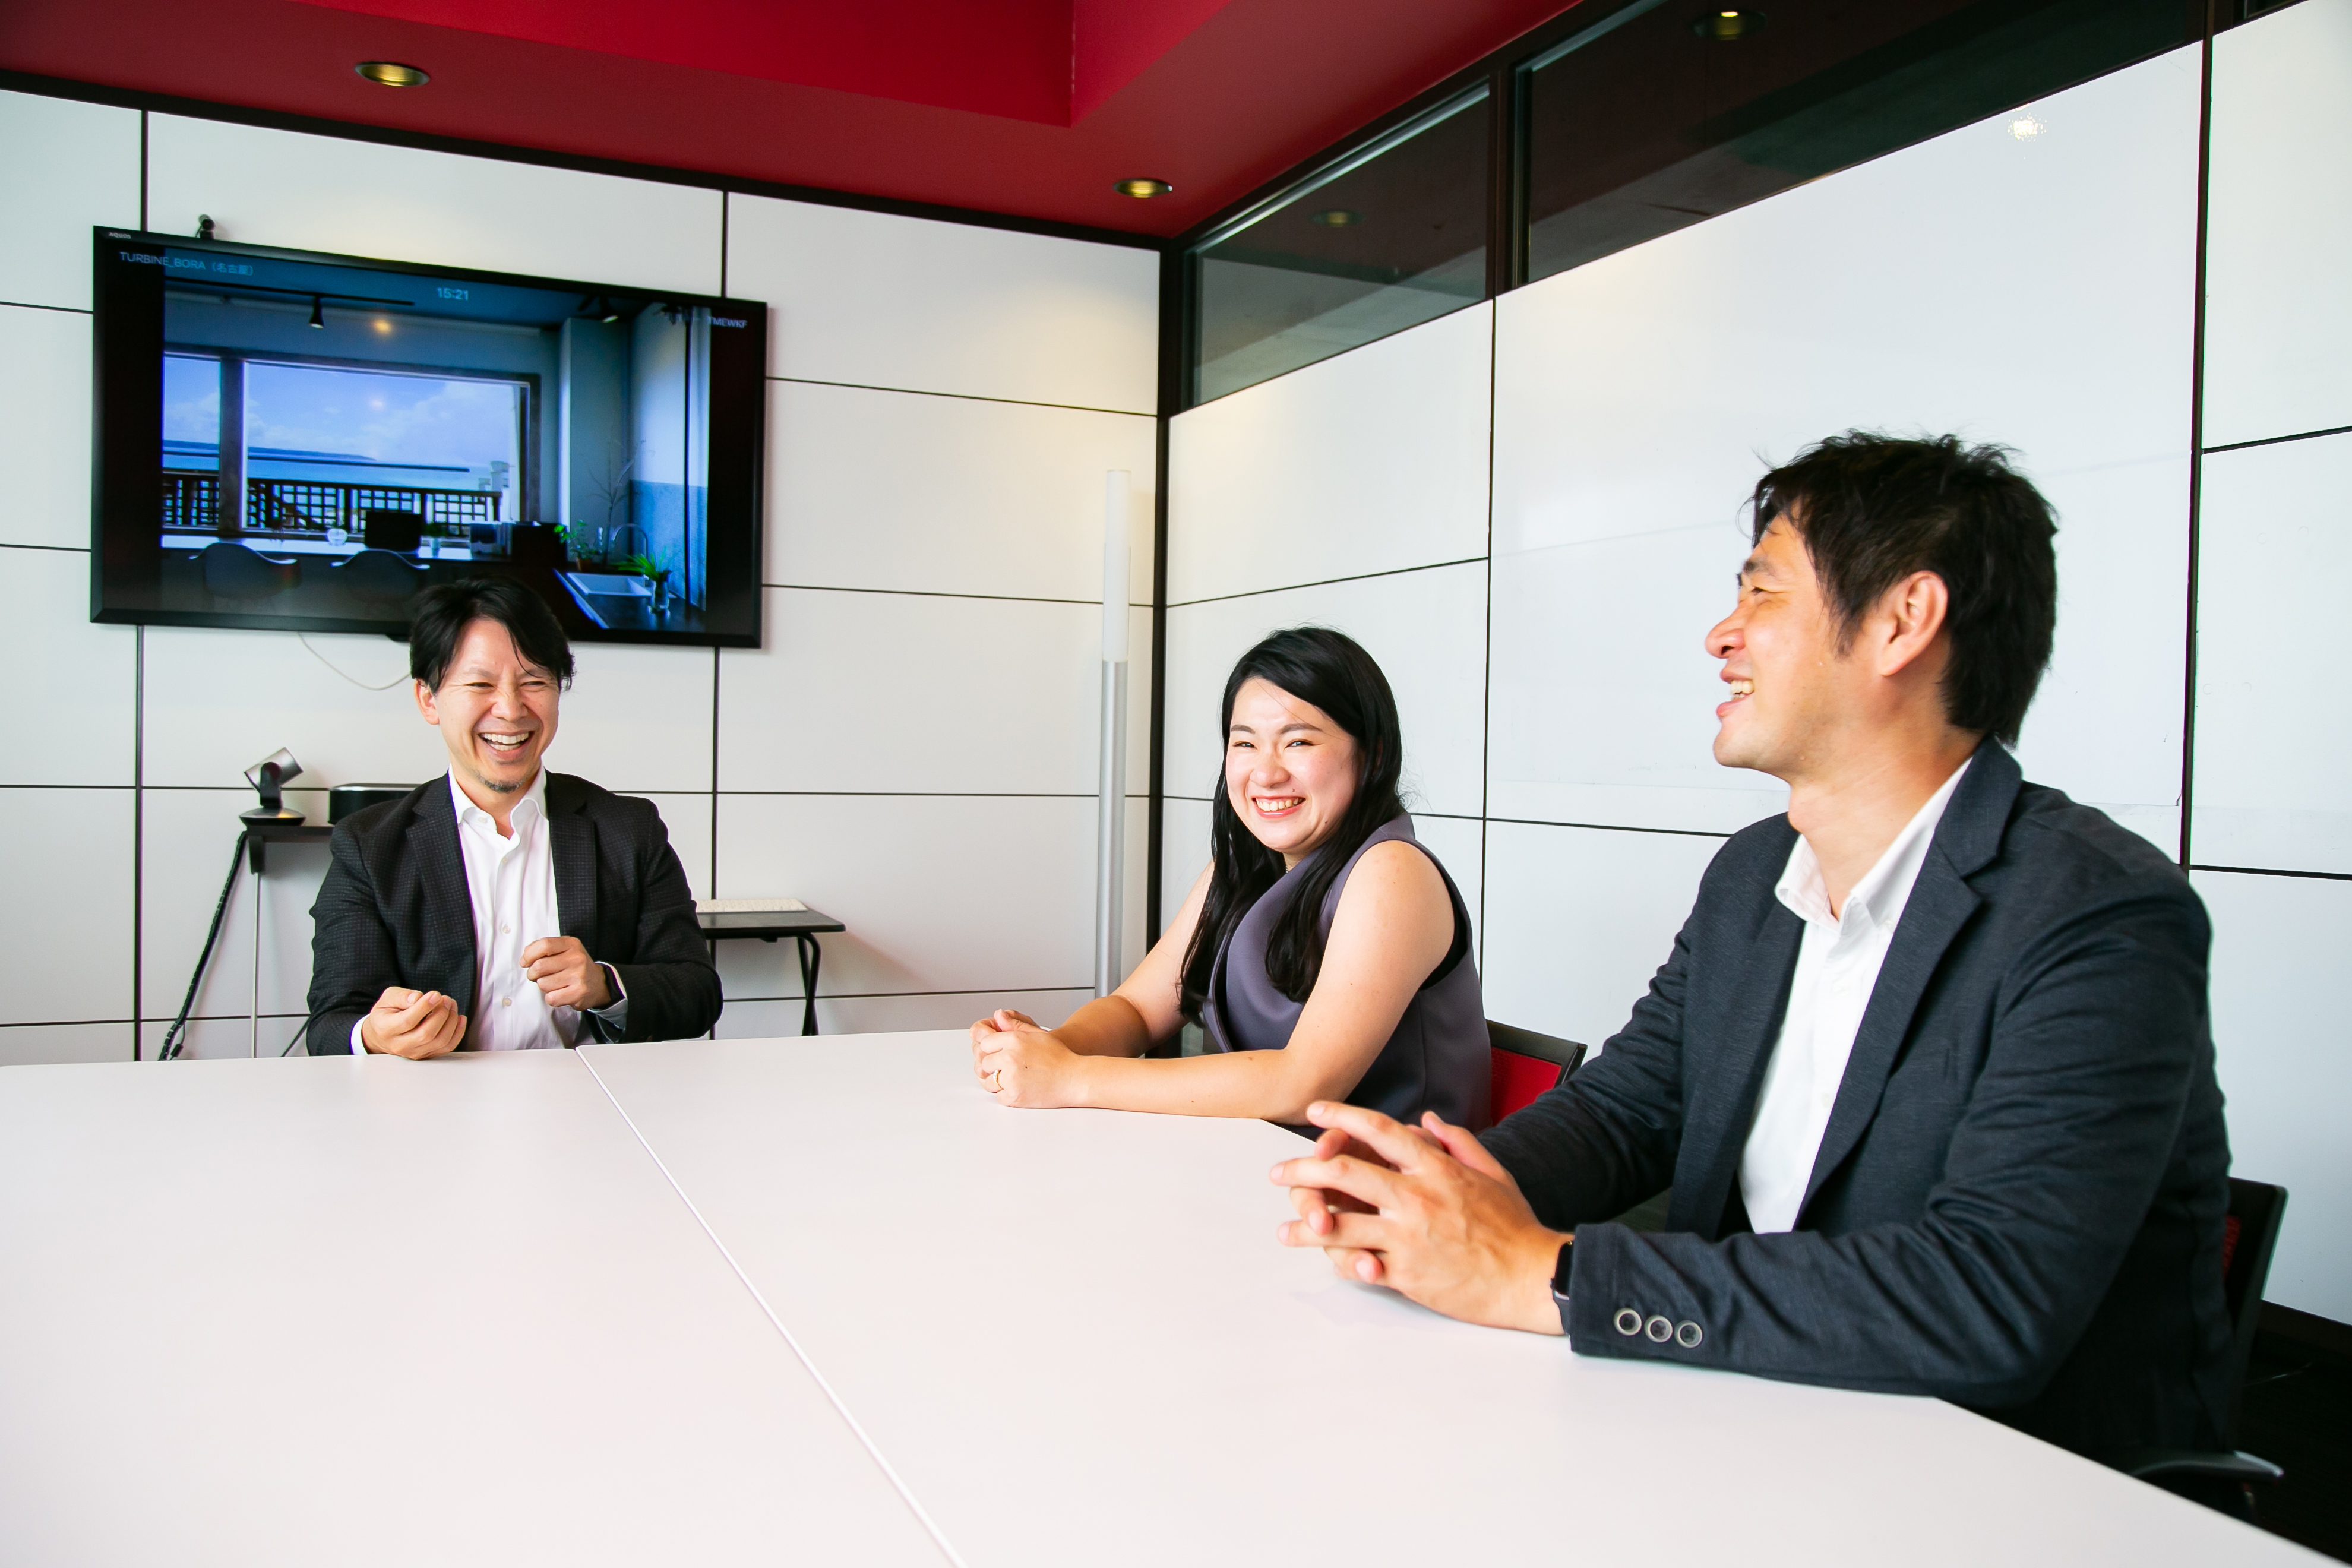 株式会社タービン・インタラクティブ / テレワークを含む働き方の多様化が生産性をあげる